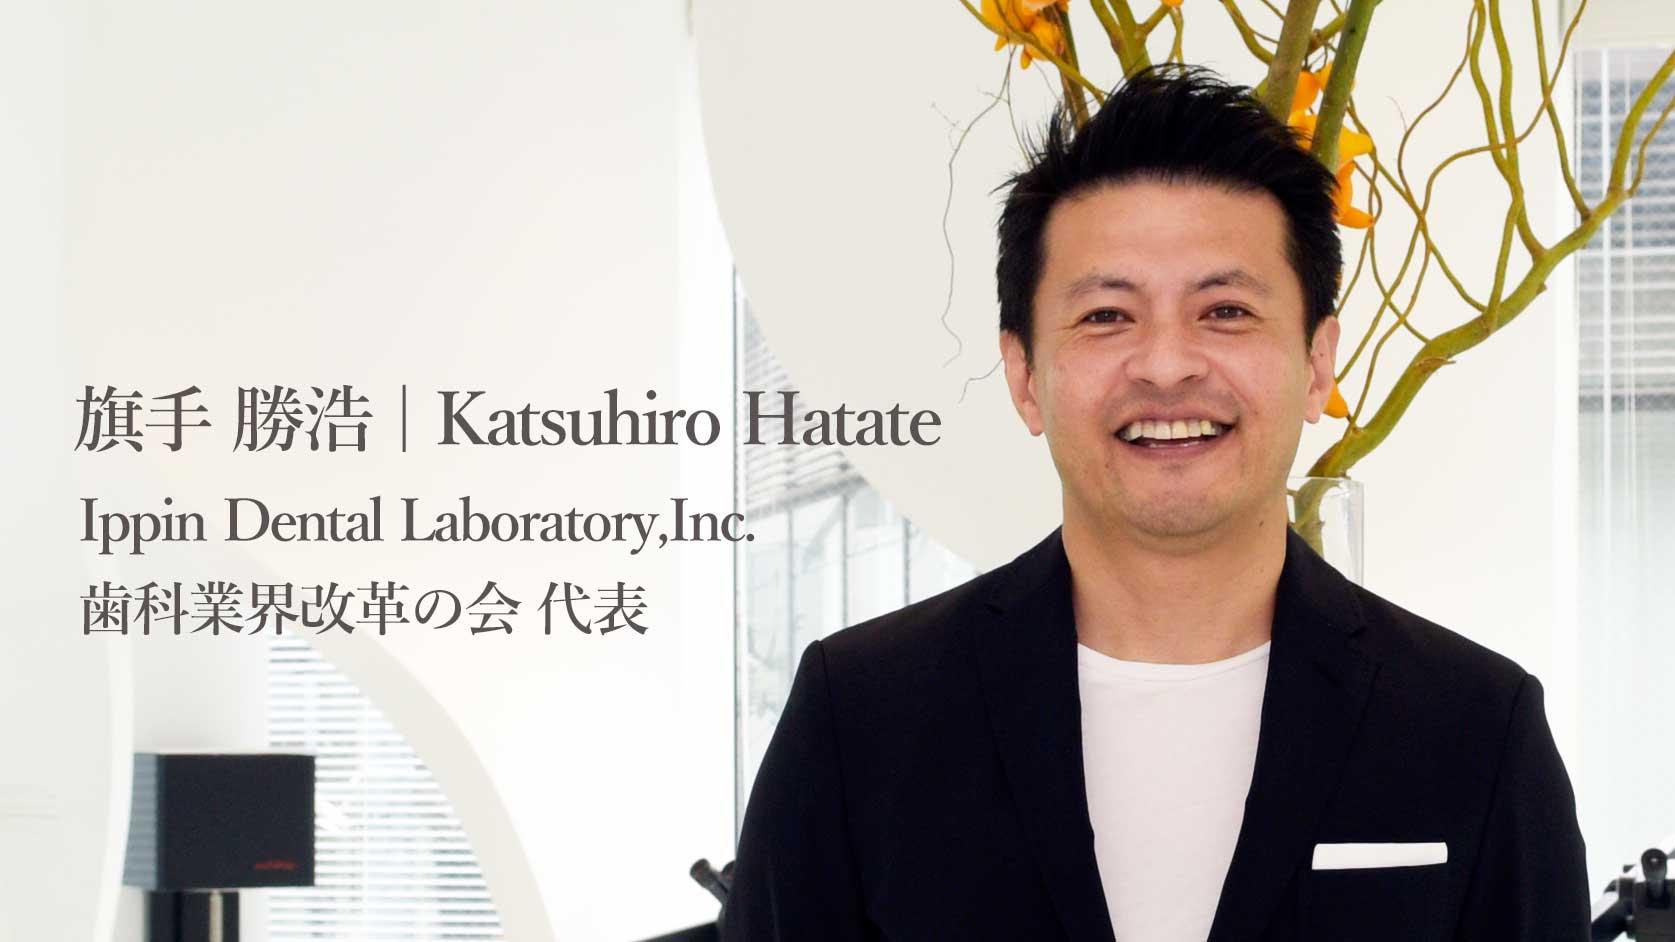 旗手勝浩氏『日本歯科医療を明日へと導く情熱と行動』の画像です